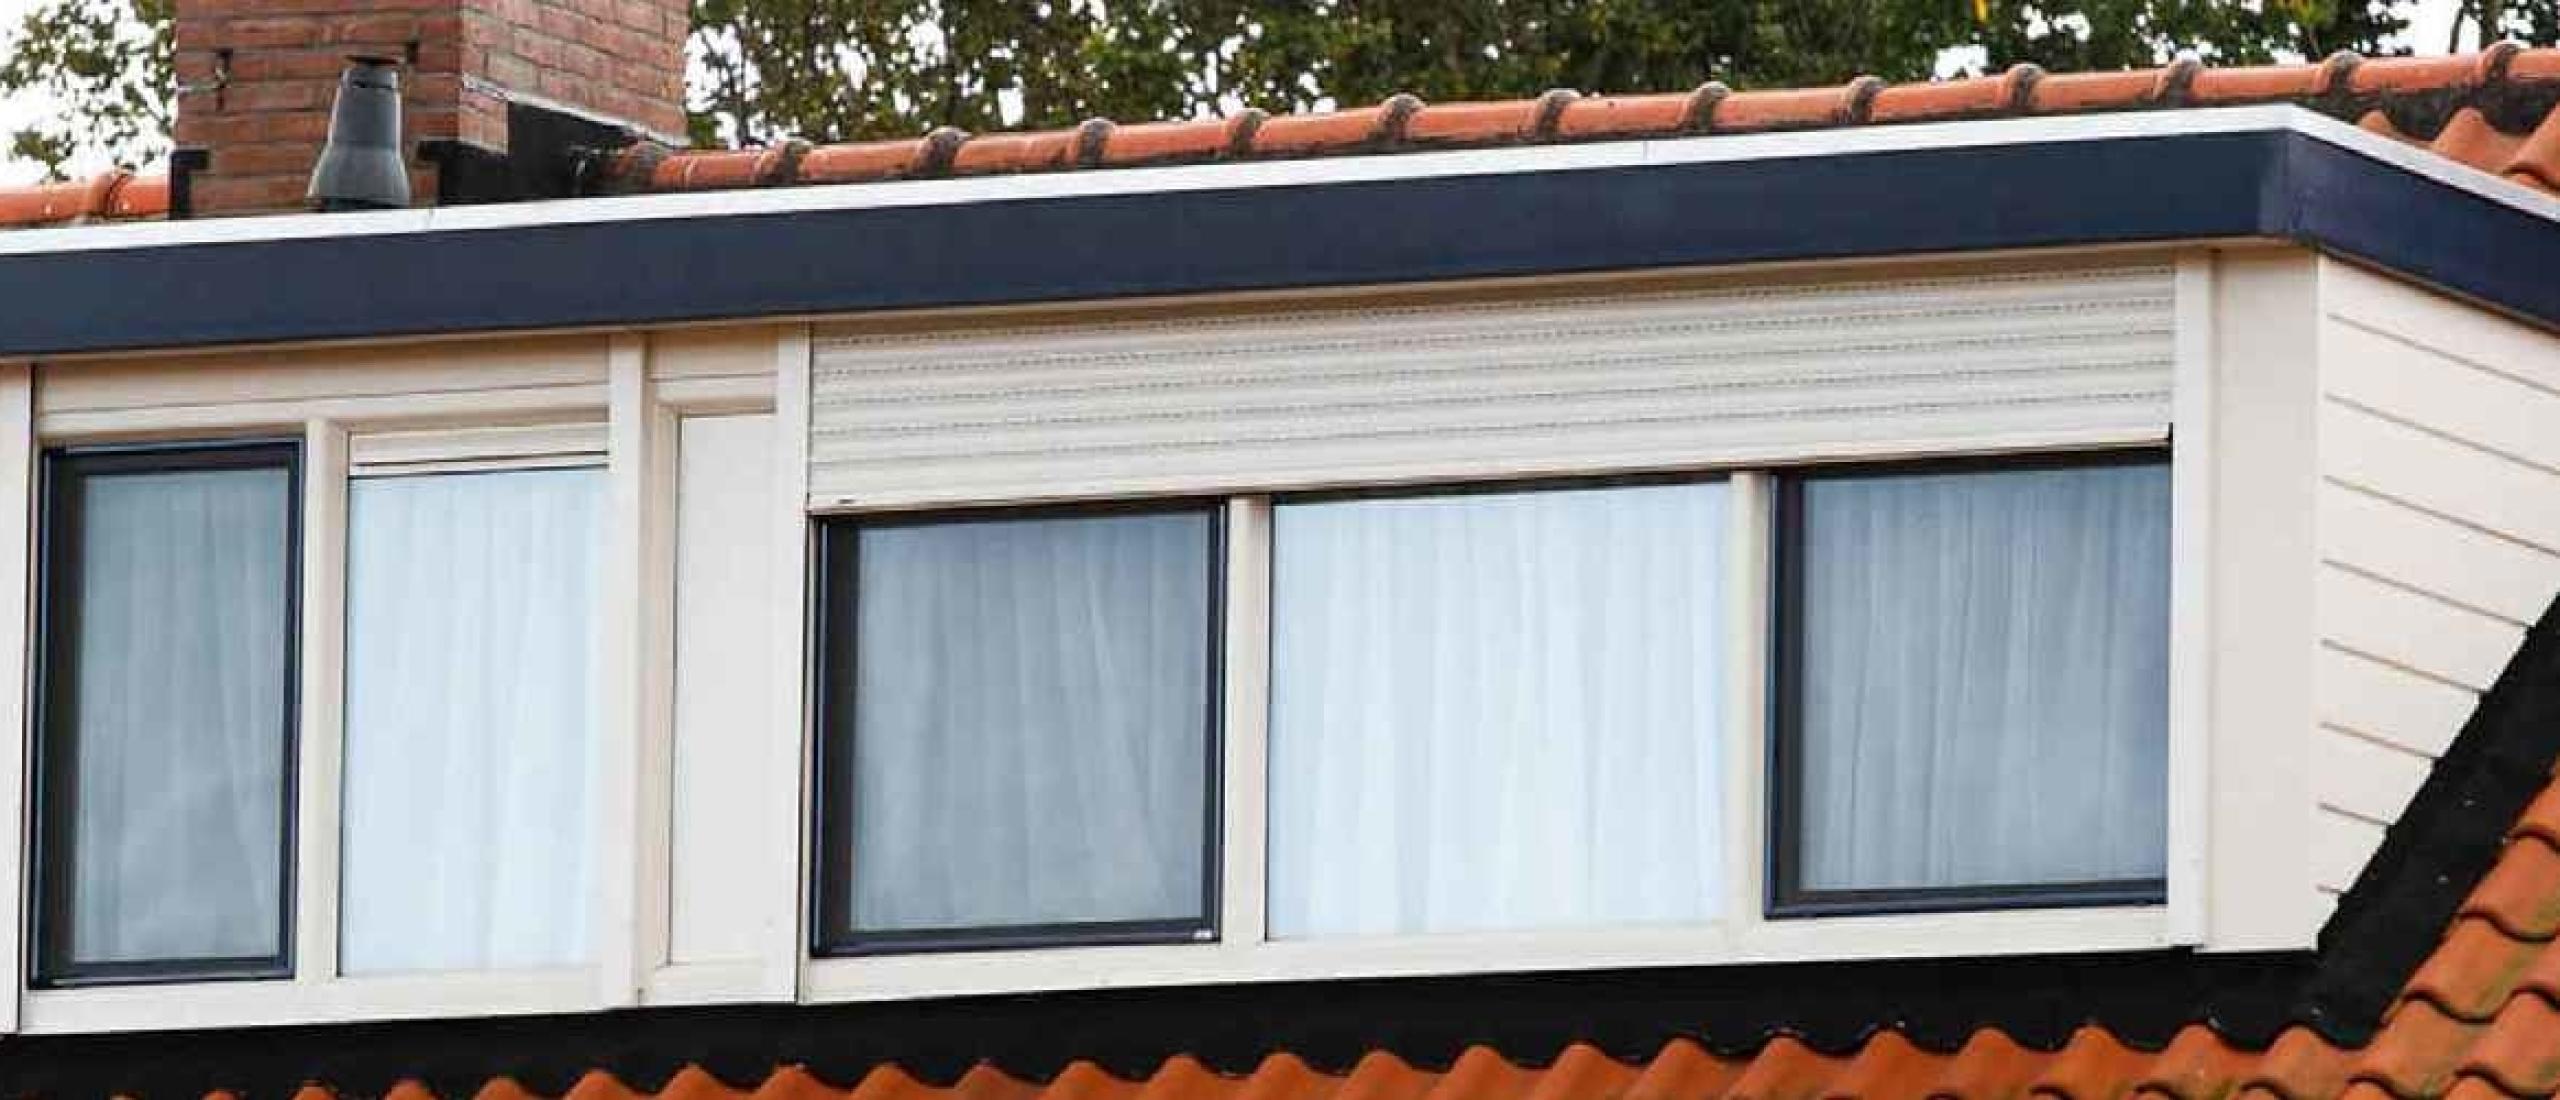 kant en klare dakkapel